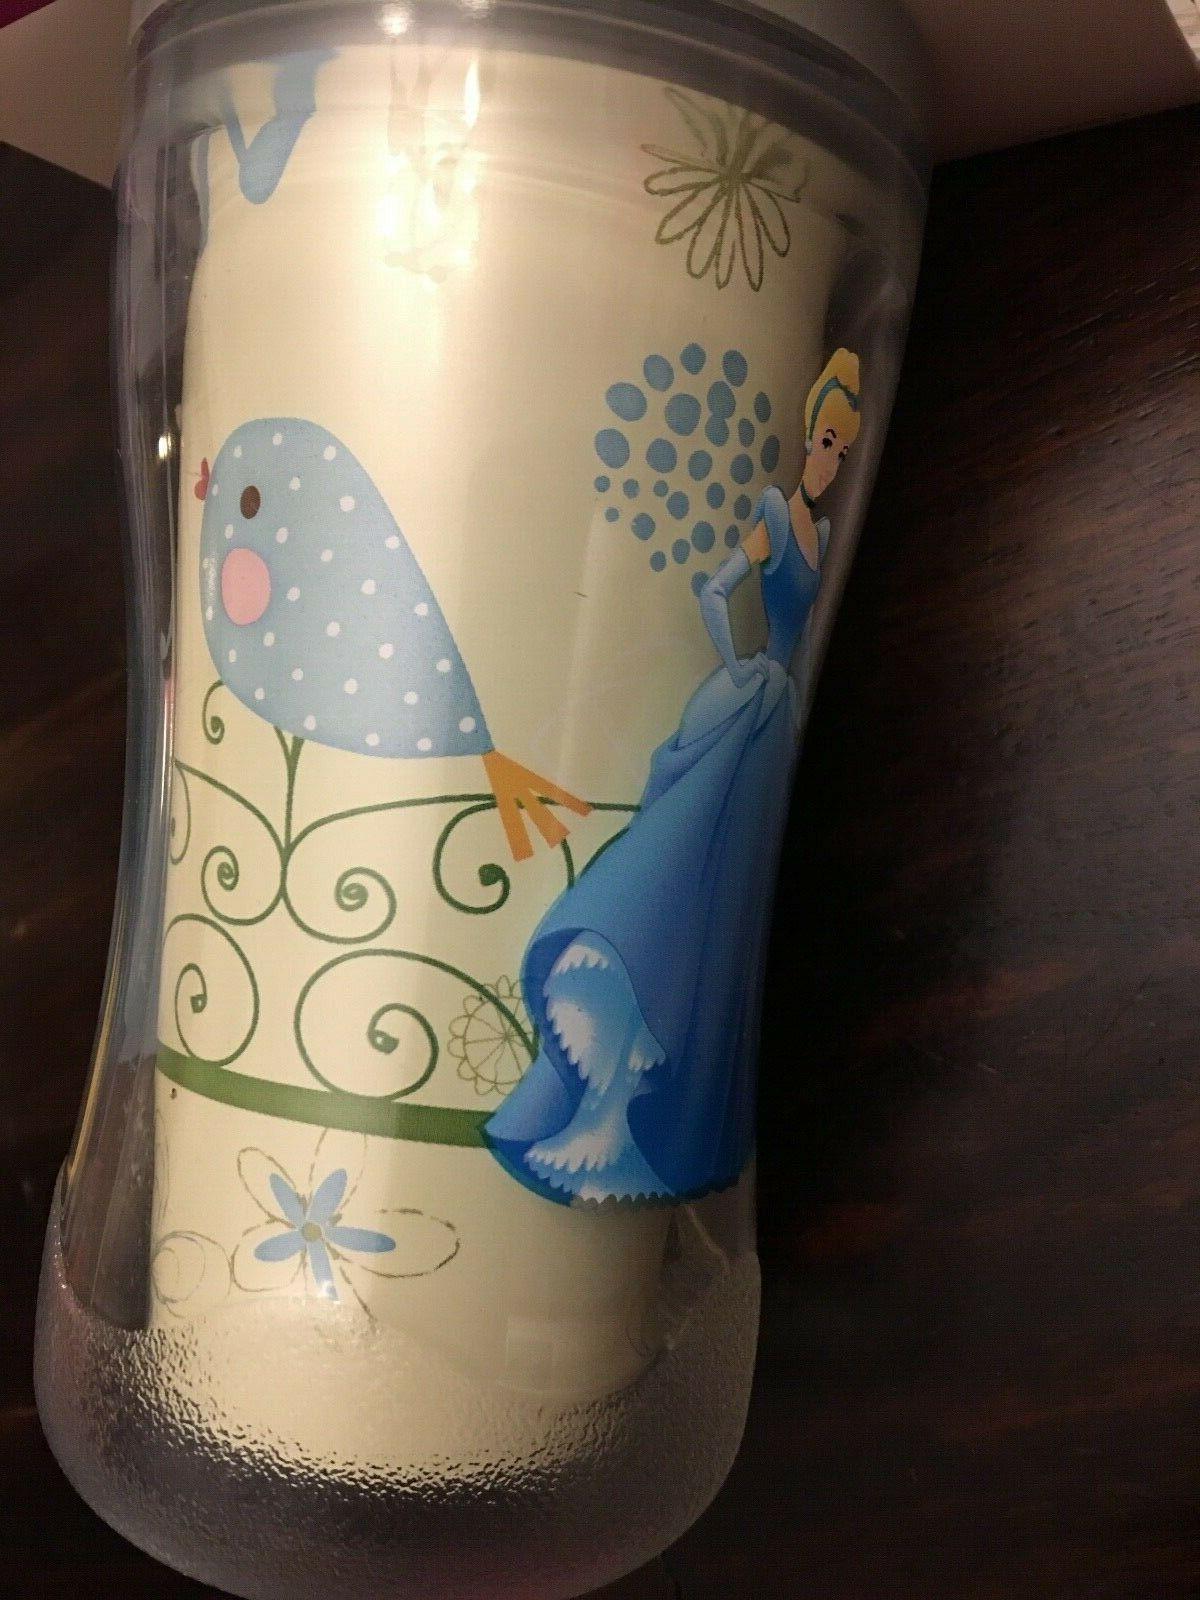 New Playtex Sippy Cup Twist 'n Princess Spill Cinderella